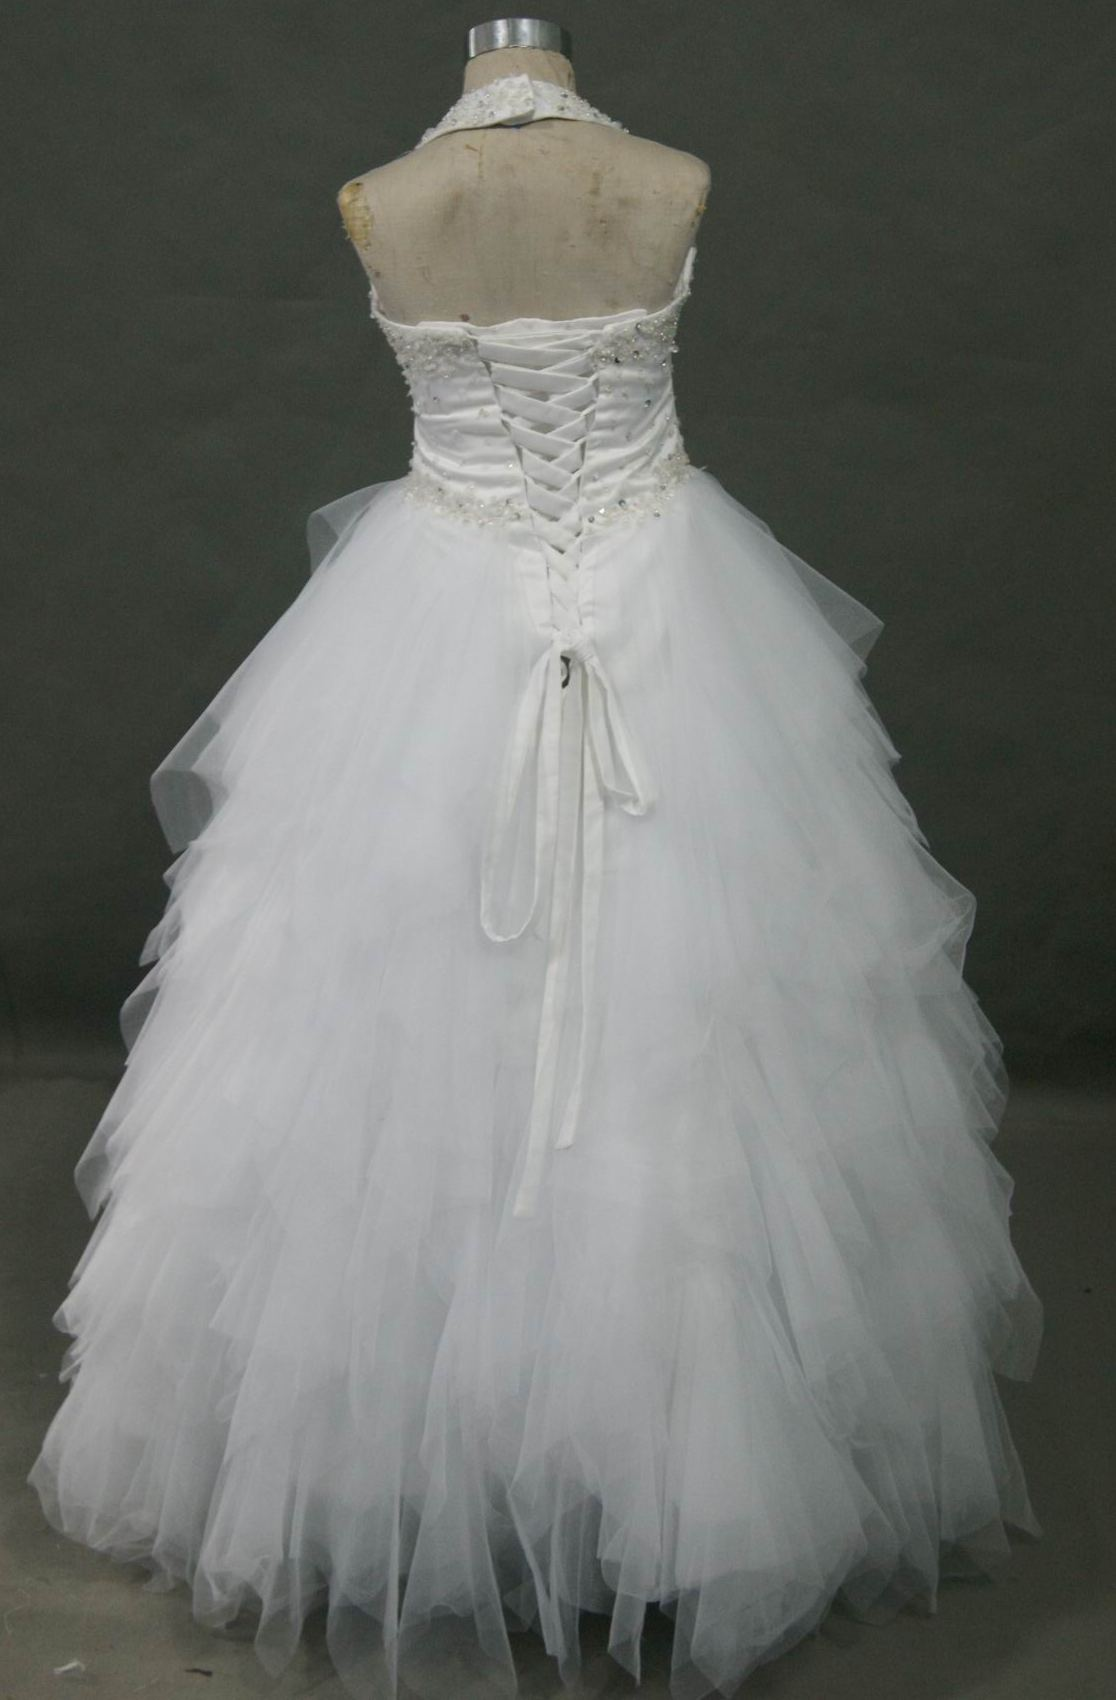 Pageant dress white and full layered handkerchief hem.